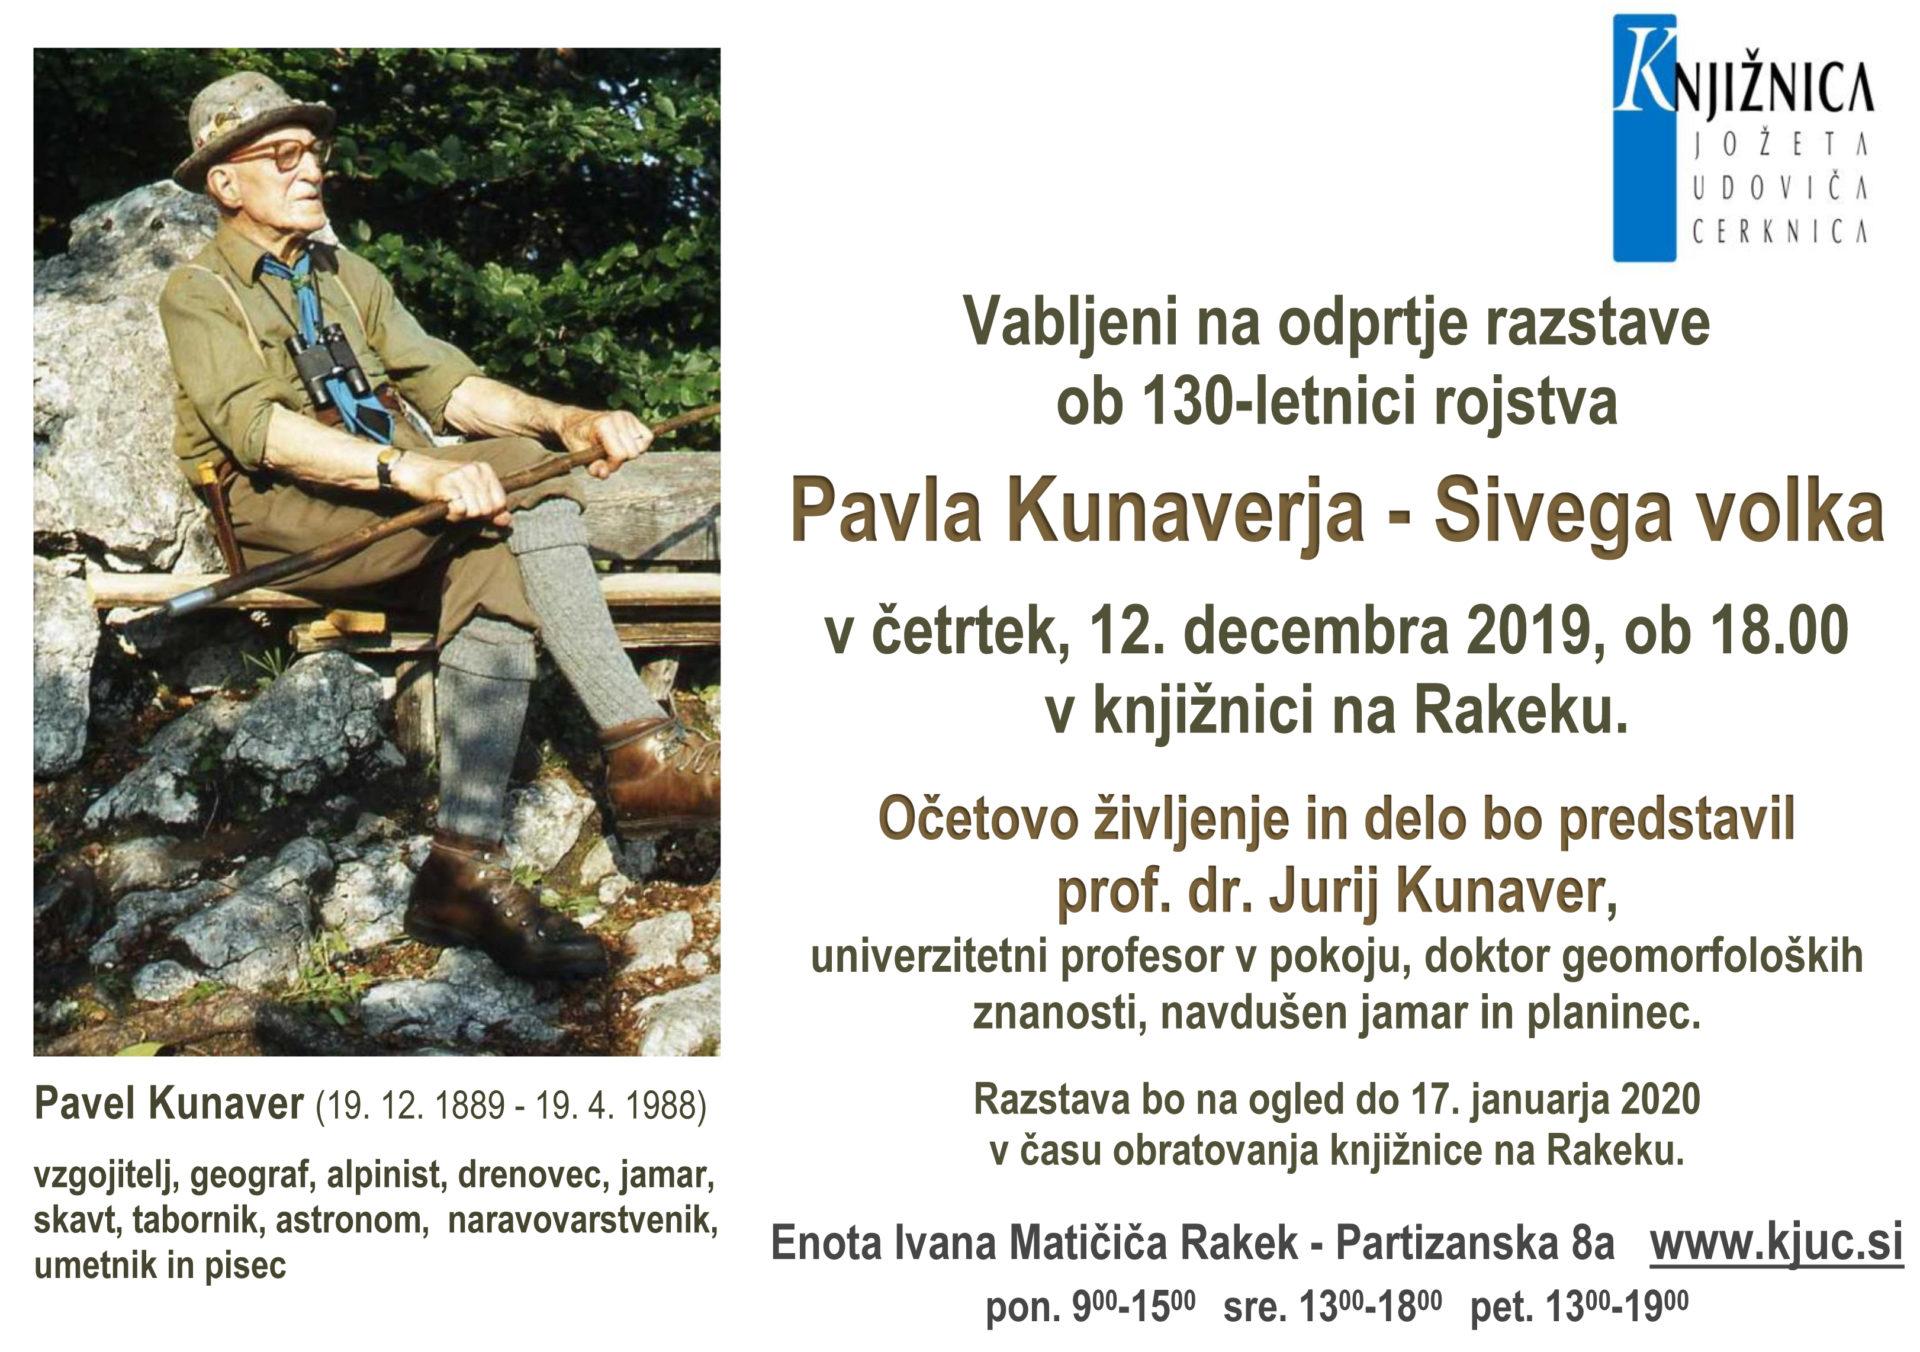 vabilo kunaver - Odprtje razstave ob 130-letnici rojstva Pavla Kunaverja - Sivega volka